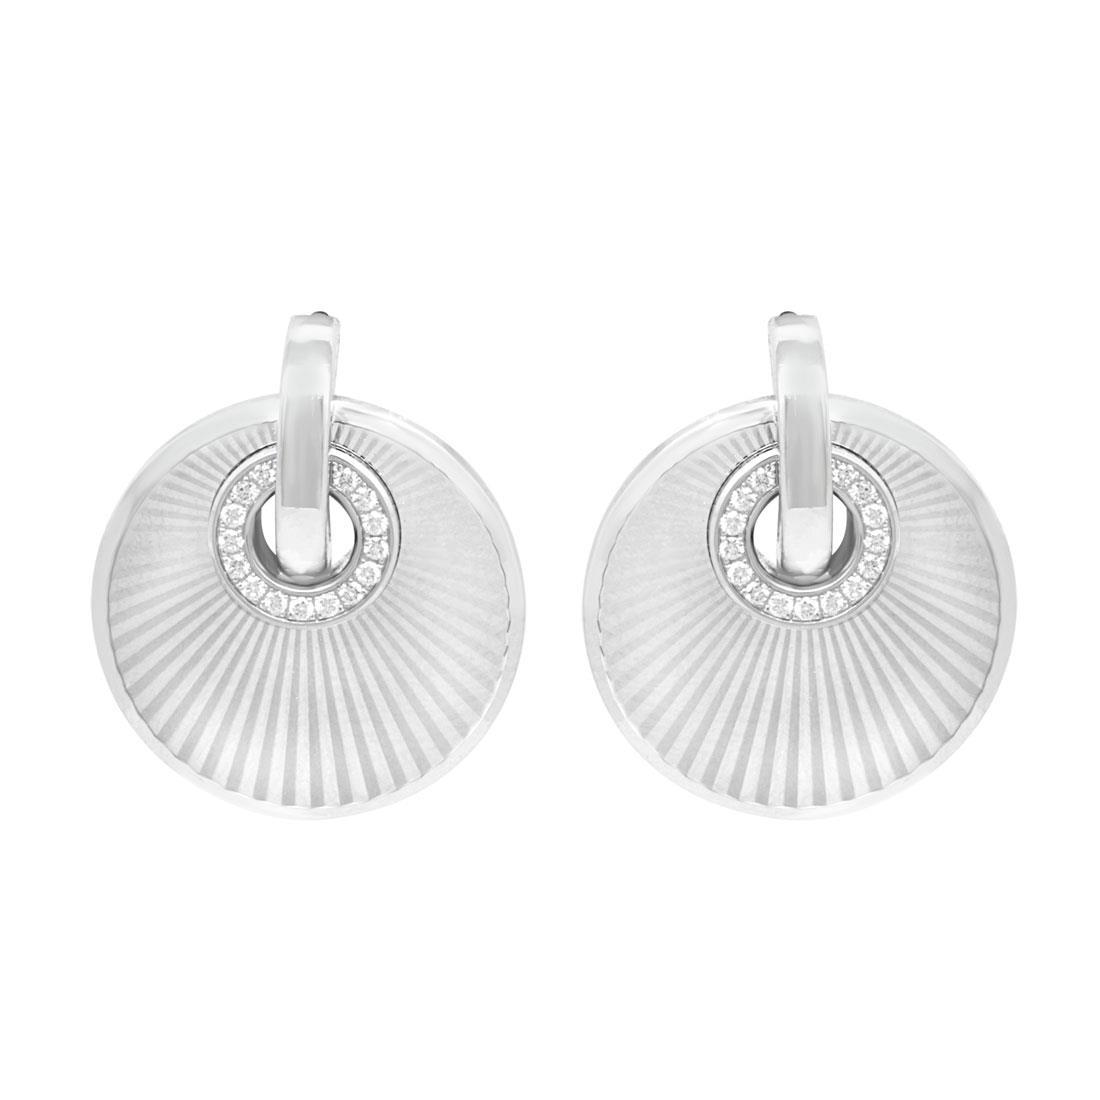 Orecchini in oro bianco con diamanti ct 0.11 - CHOPARD